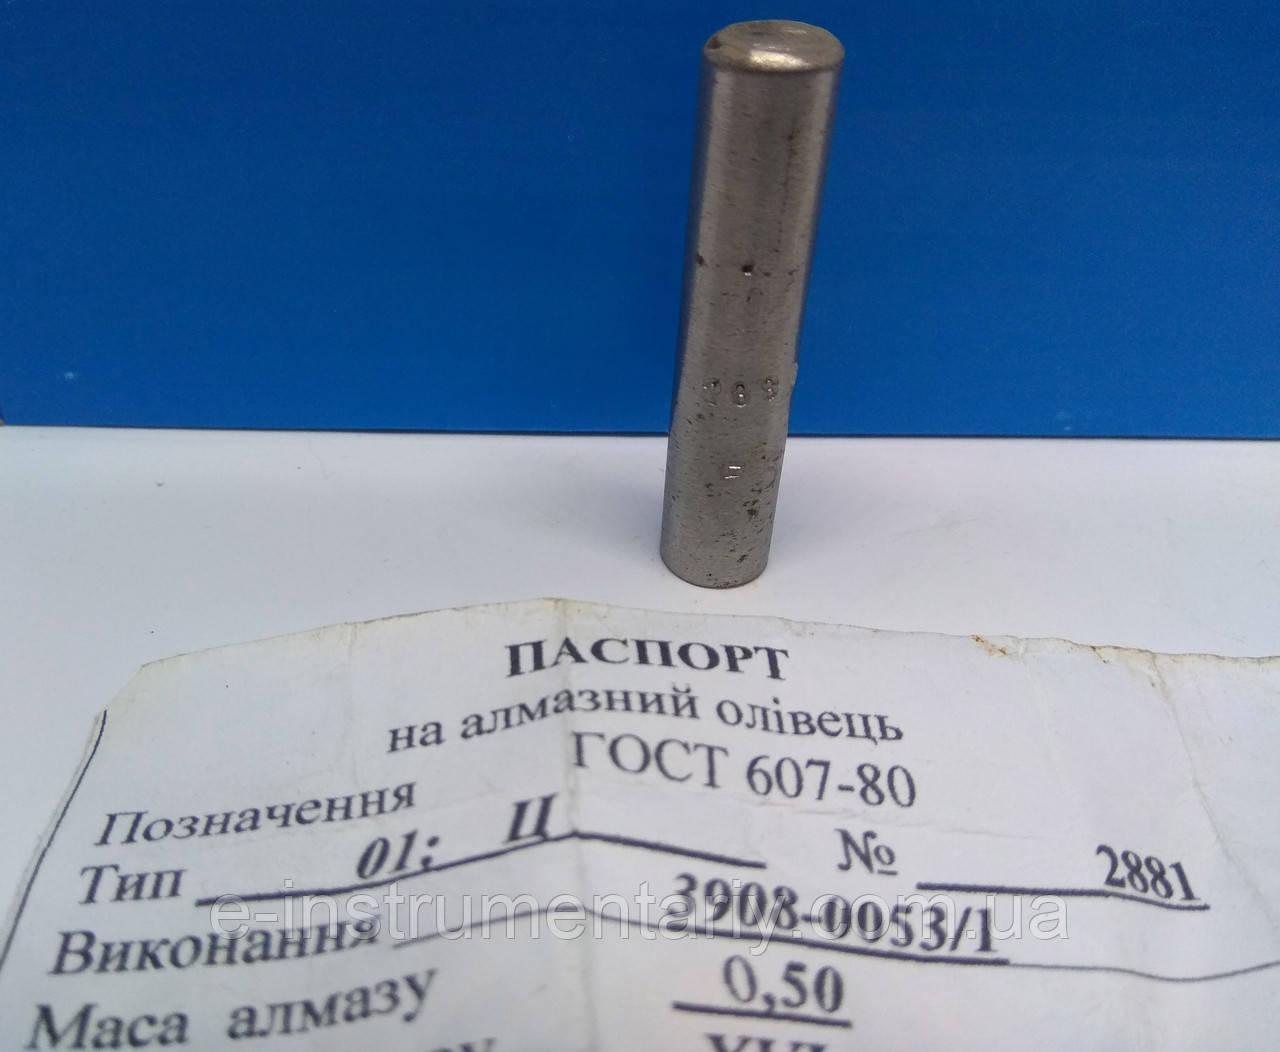 Алмазний олівець 3908-0053/1 тип 01 вик. А 0,5 карат. якість - 1